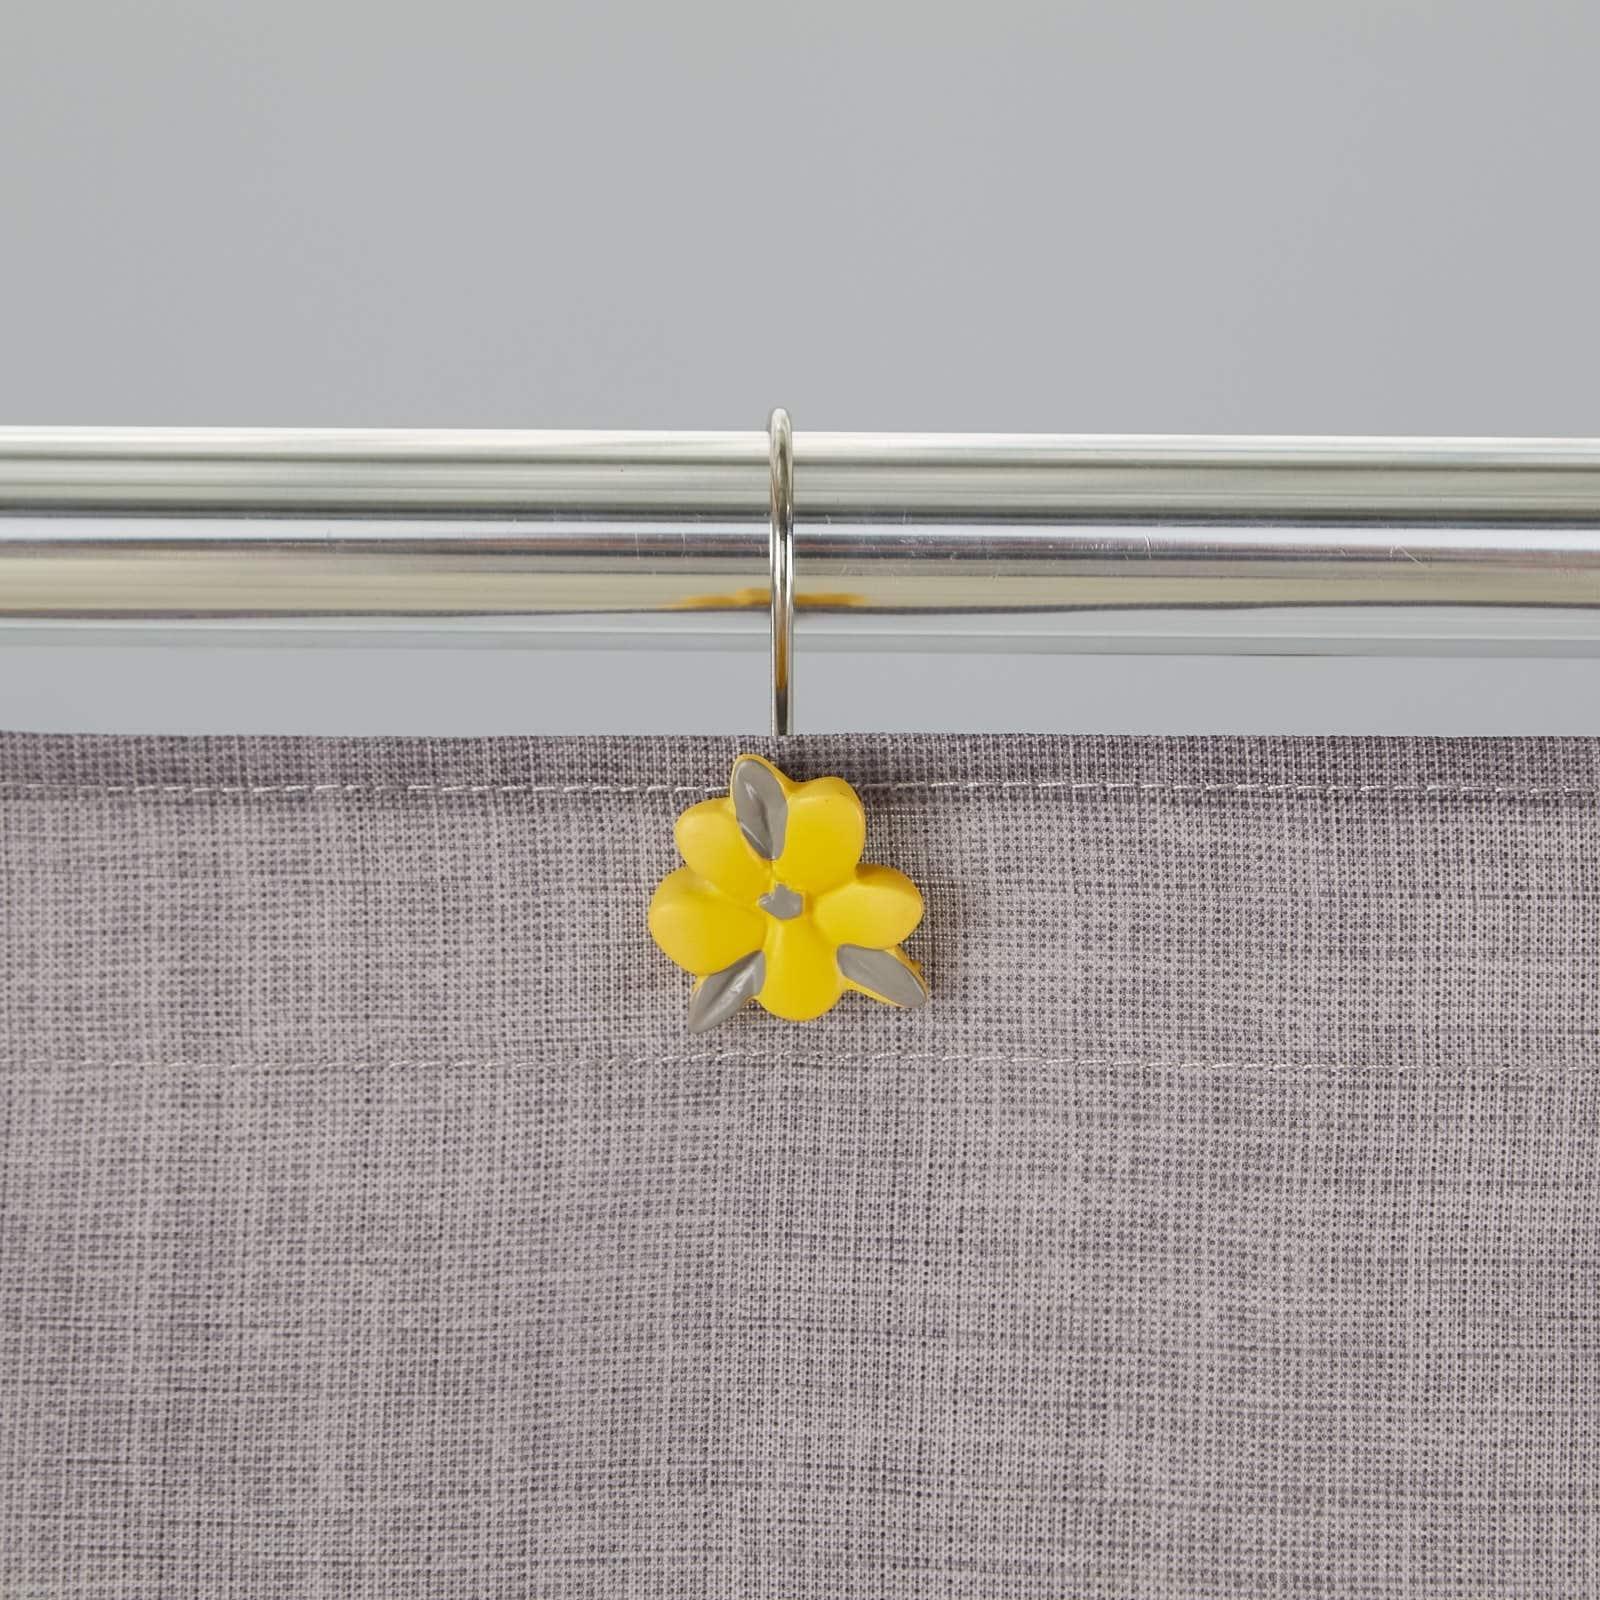 Skl Home Spring Garden Shower Curtain Hooks